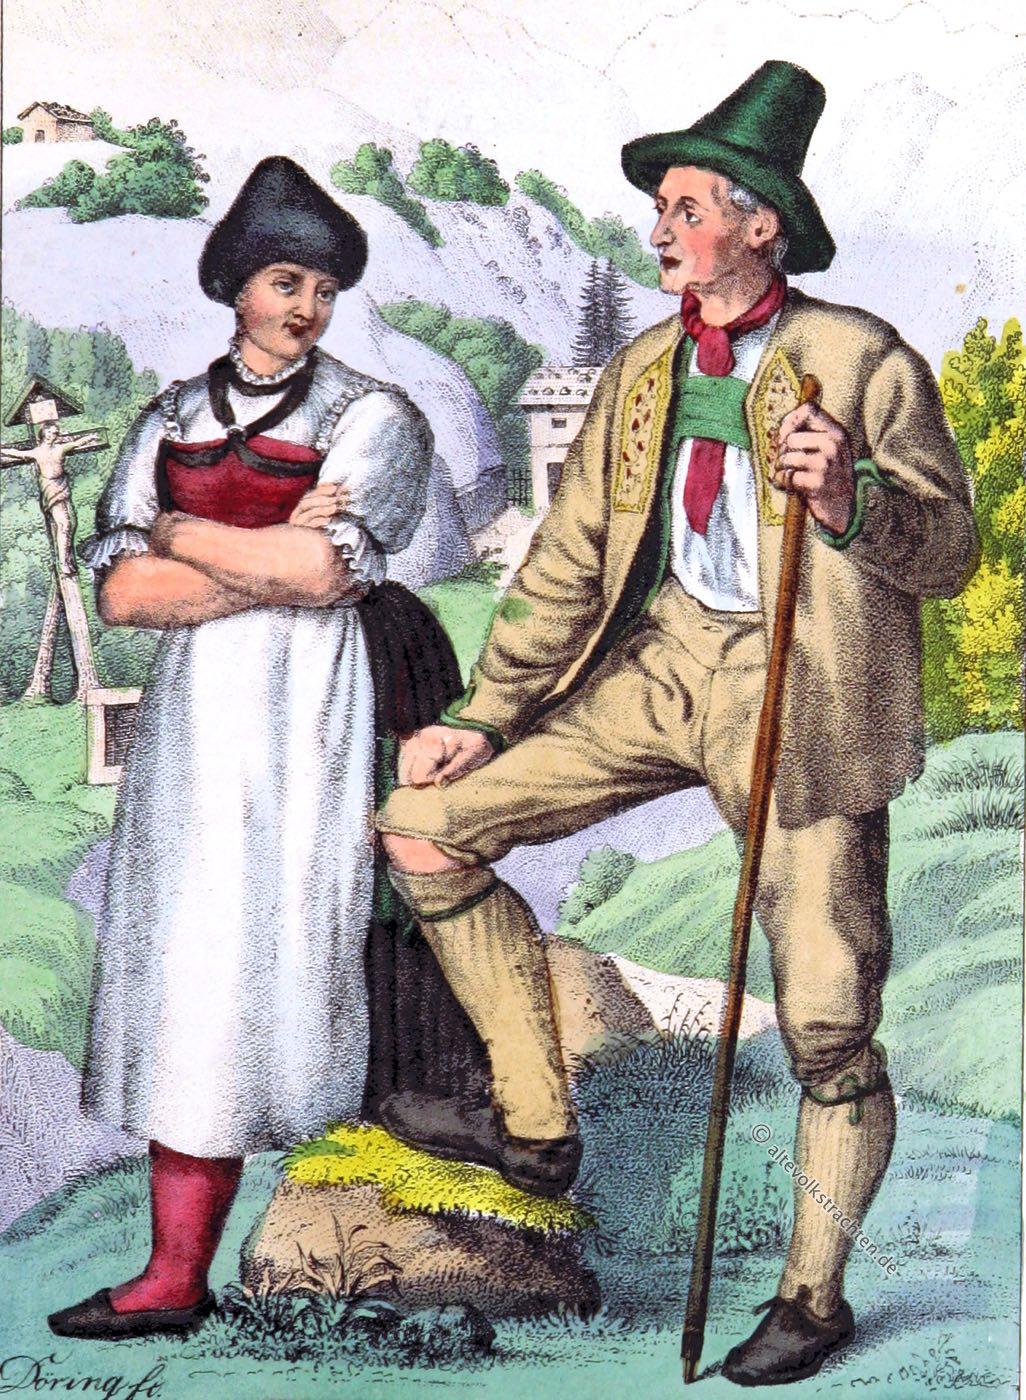 Tiroler Trachten, Oberinntal, Oetztal, Tracht, Kleidung, Österreich, Eduard Duller,